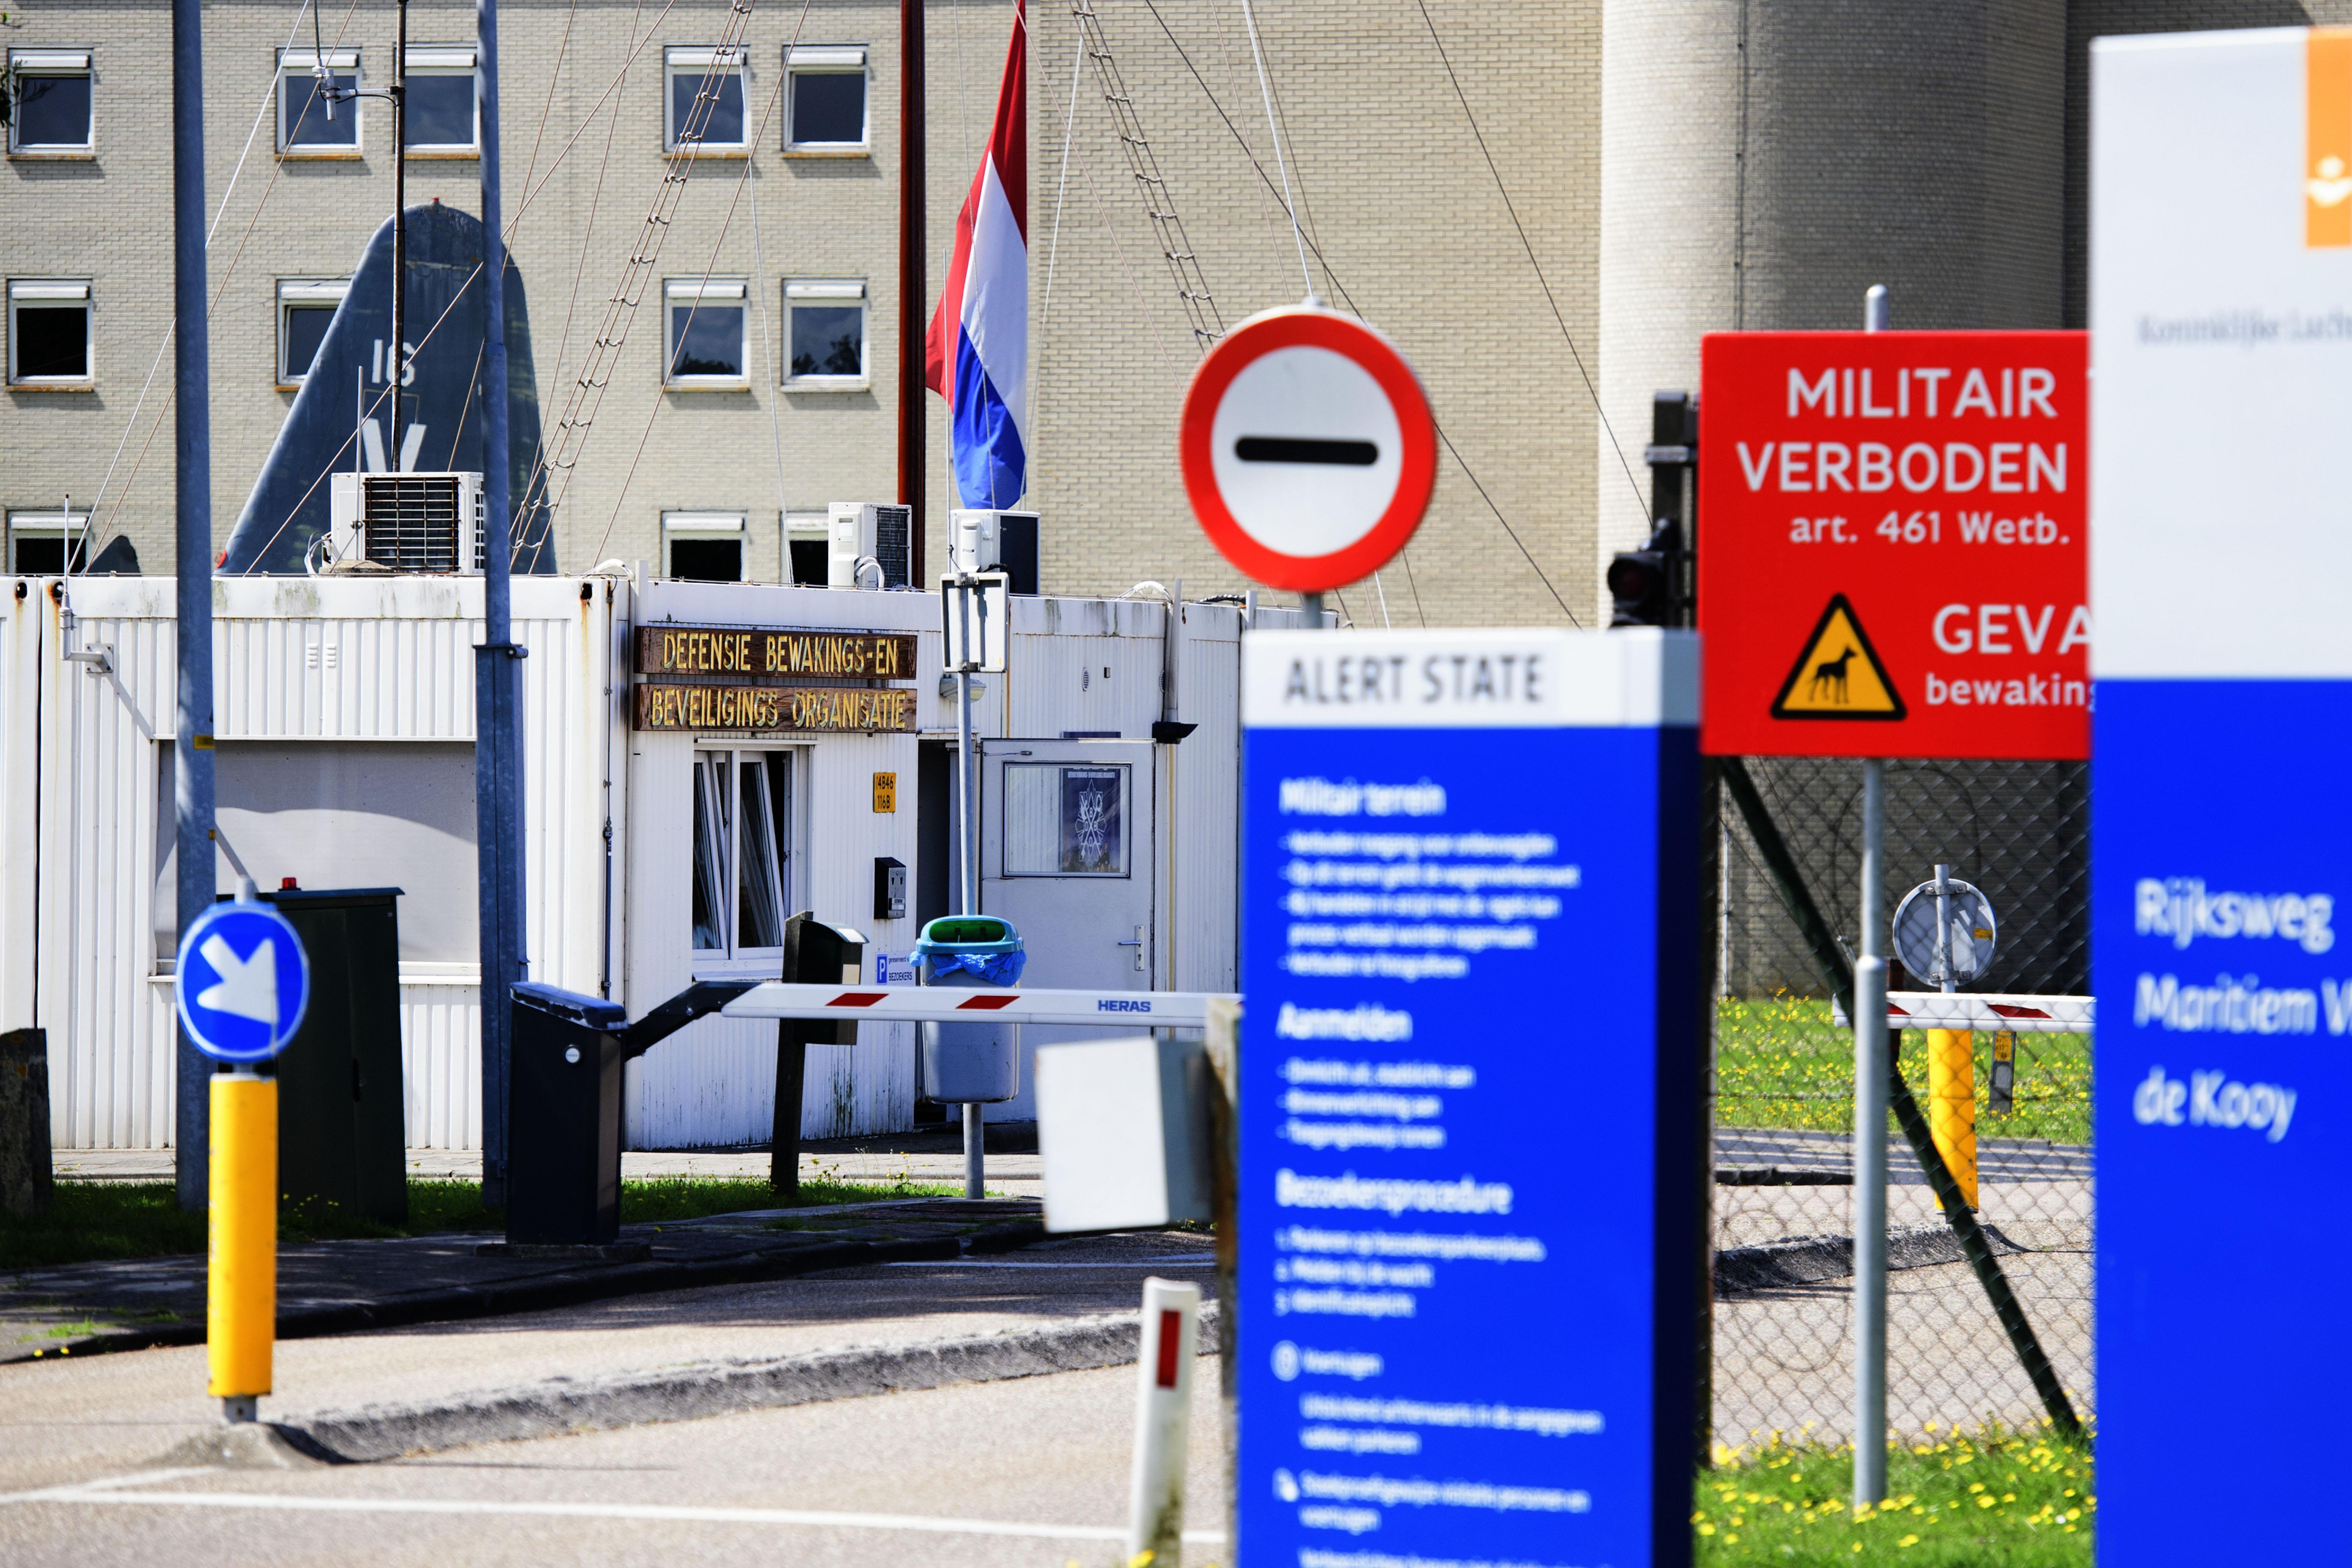 Slachtoffer van helikopter-crash Erwin Warnies (33) komt uit Bussum